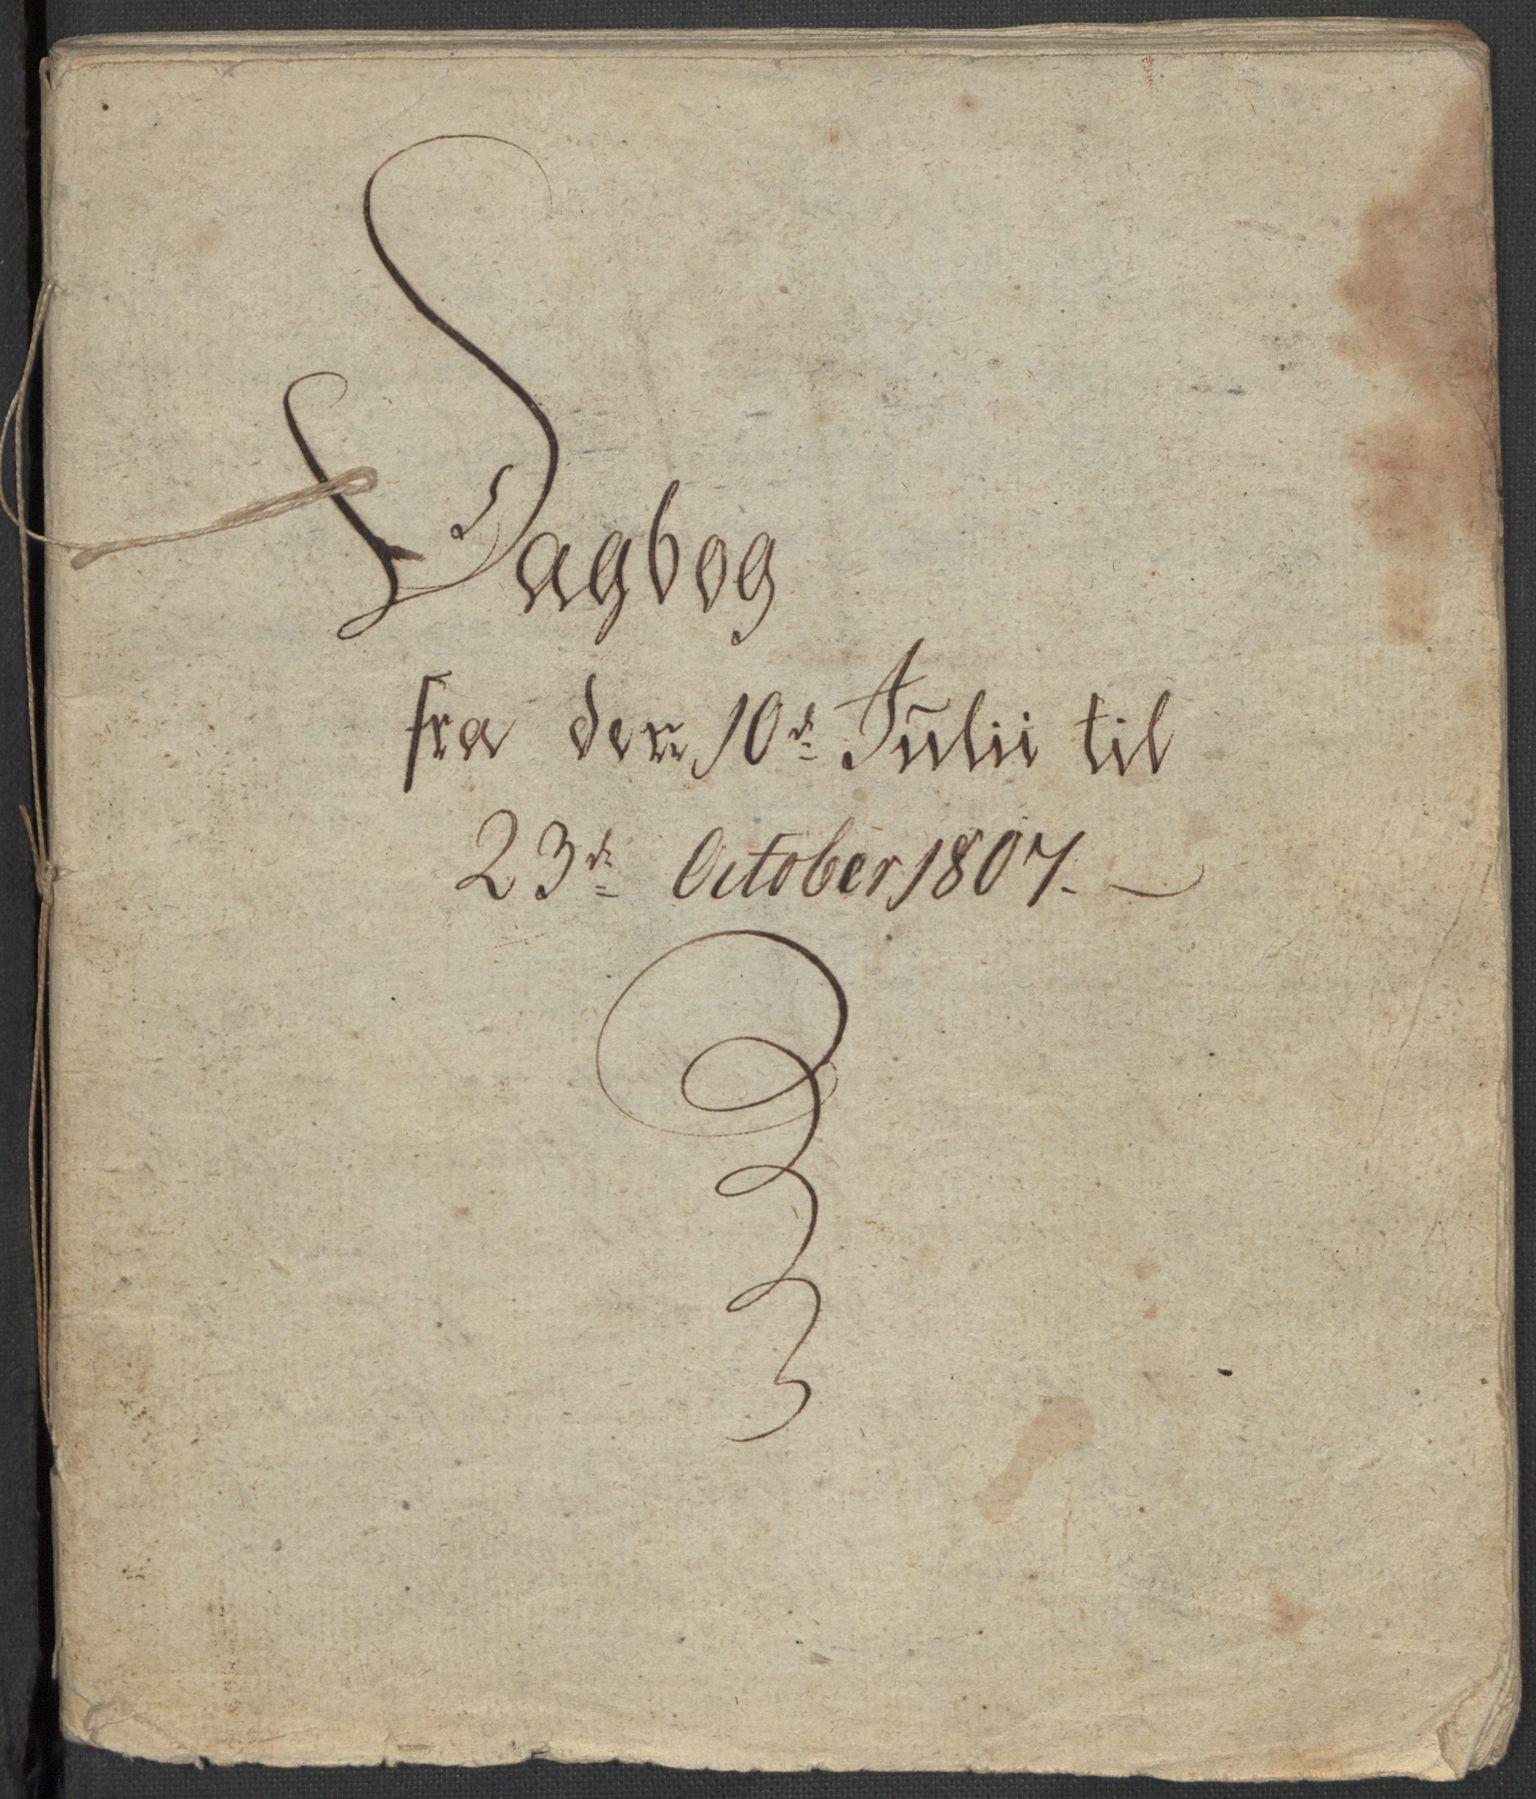 RA, Holck, Meidell, Hartvig, F/L0001: (Kassett) Dagbøker ført av Ole Elias v.Holck, 1798-1842, s. 128